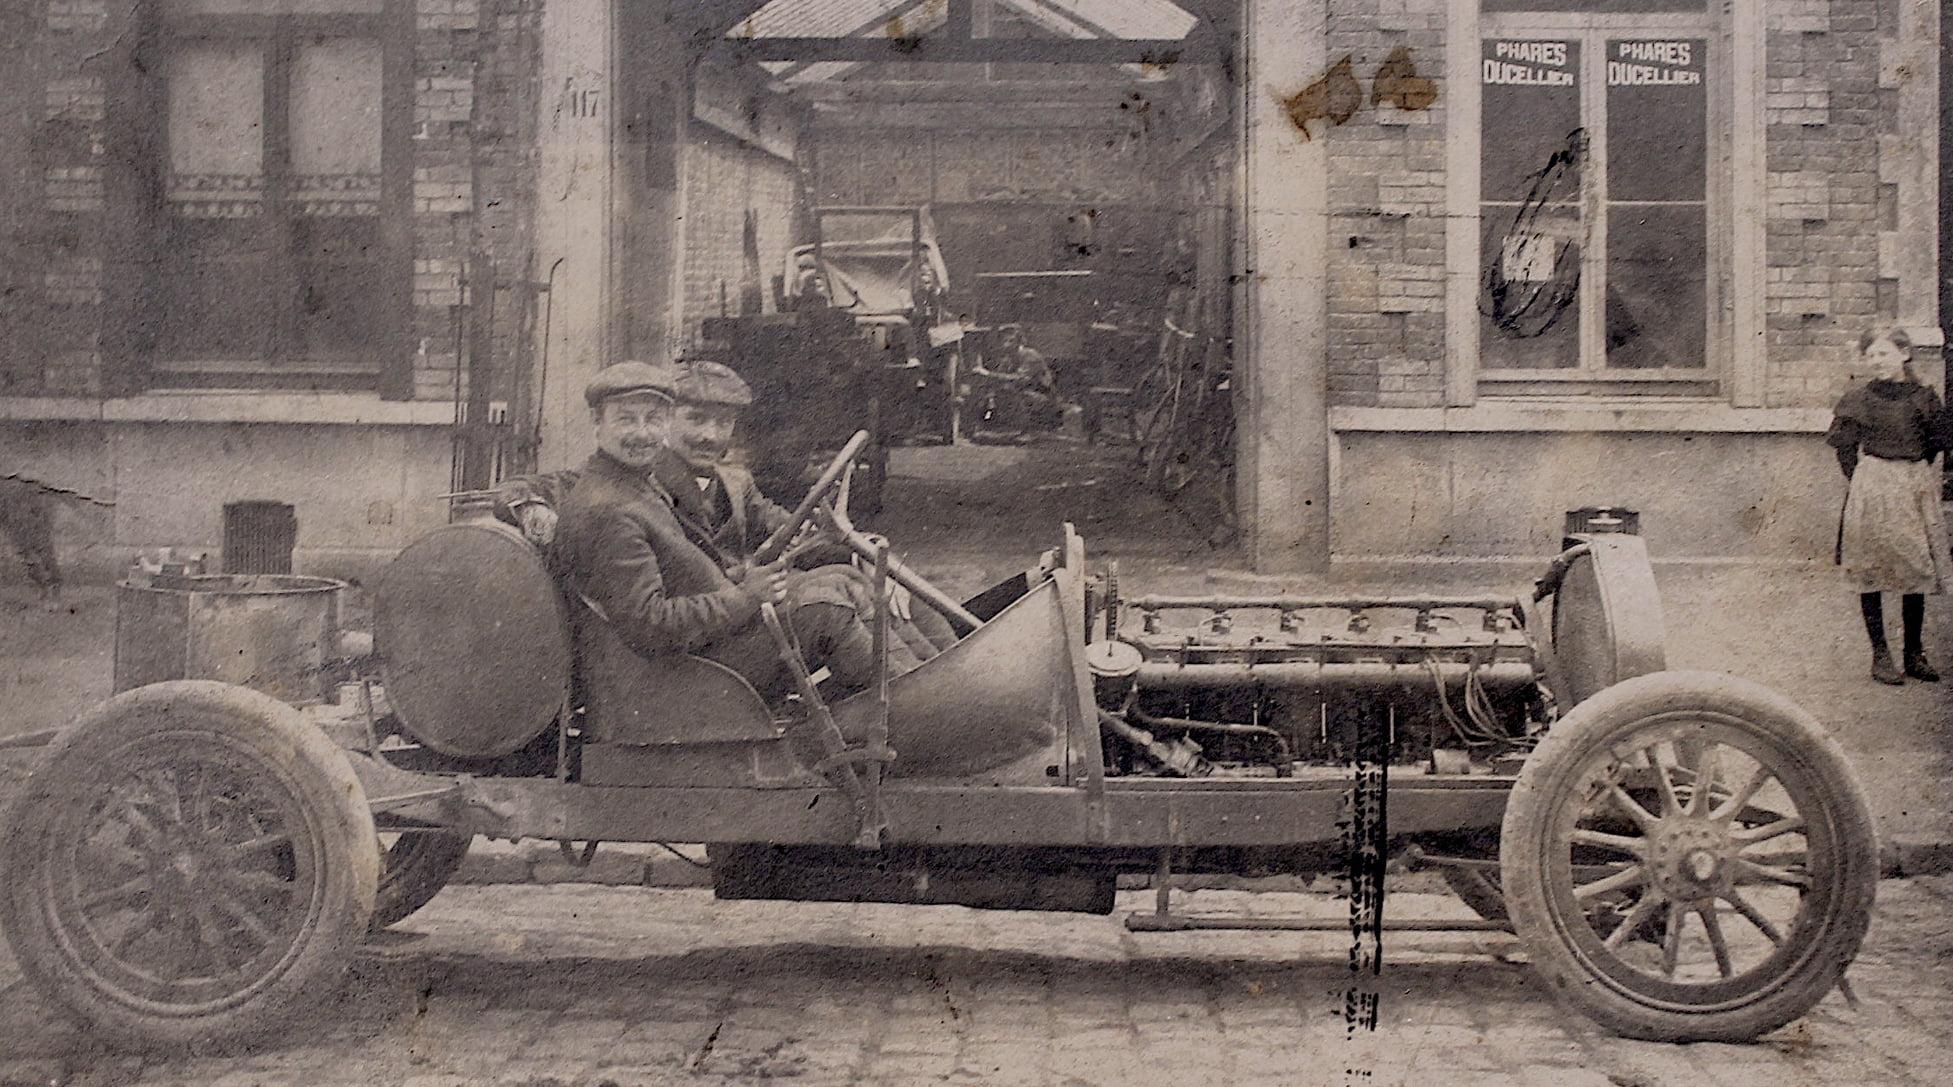 Fiat-GP-1921-6-cyl-in-lijn-in-de-buurt-van-Lille